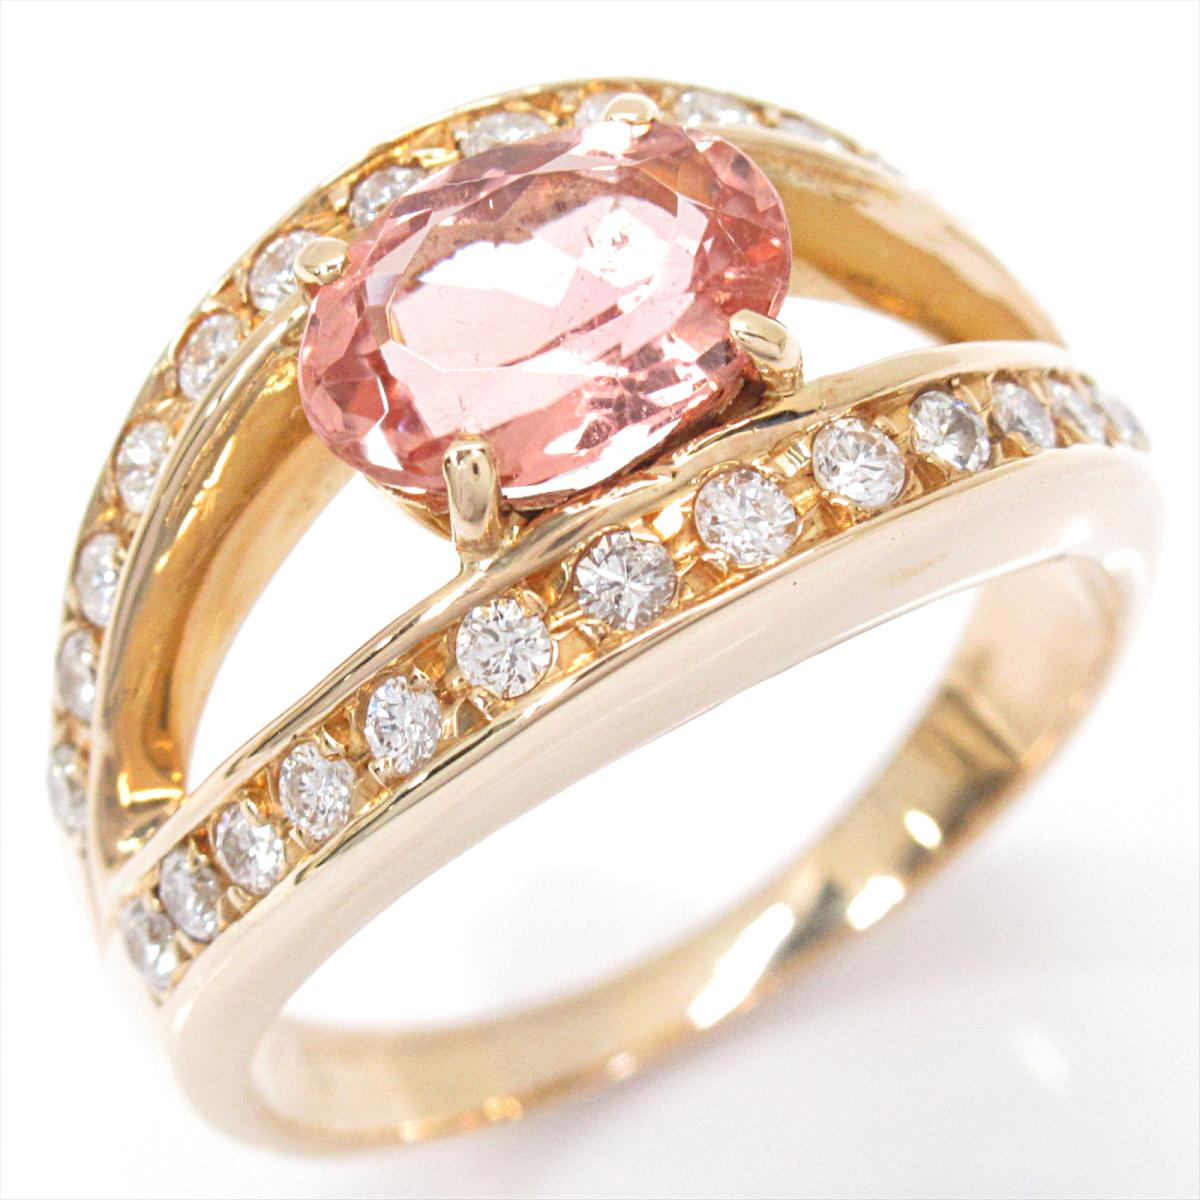 【中古】 ジュエリー トルマリン リング 指輪 レディース K18YG (750) イエローゴールド x ダイヤモンド | JEWELRY BRANDOFF ブランドオフ ブランド アクセサリー